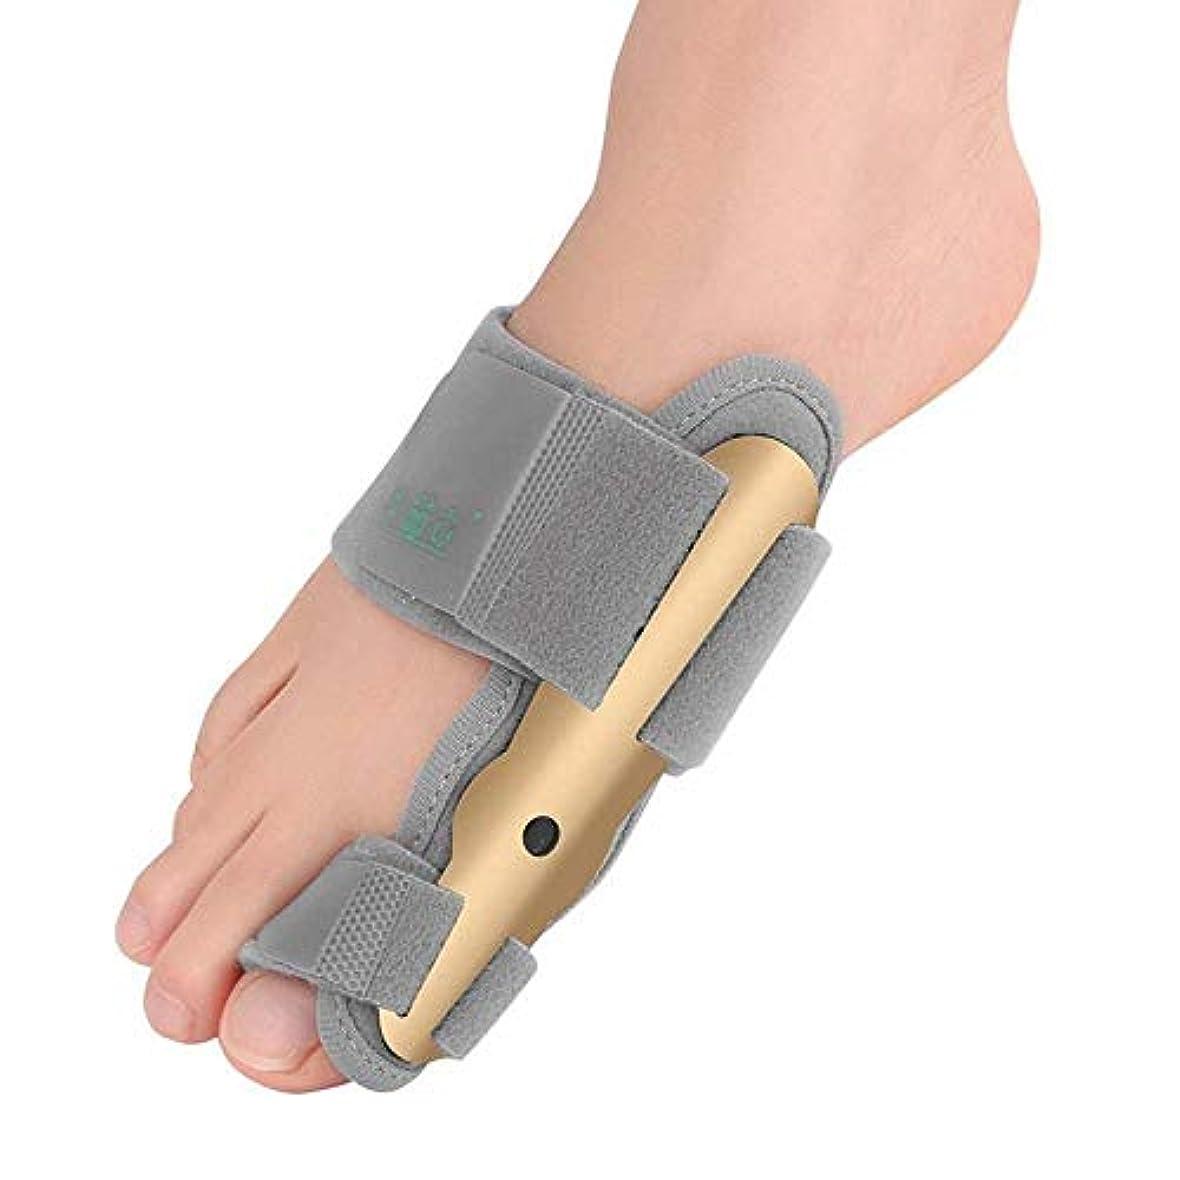 昼寝ストリーム疑問に思うつま先のセパレーター、足の親指のアライメント矯正器のつま先の変形とサポート腱膜瘤1ピース、ユニバーサル左足と右足